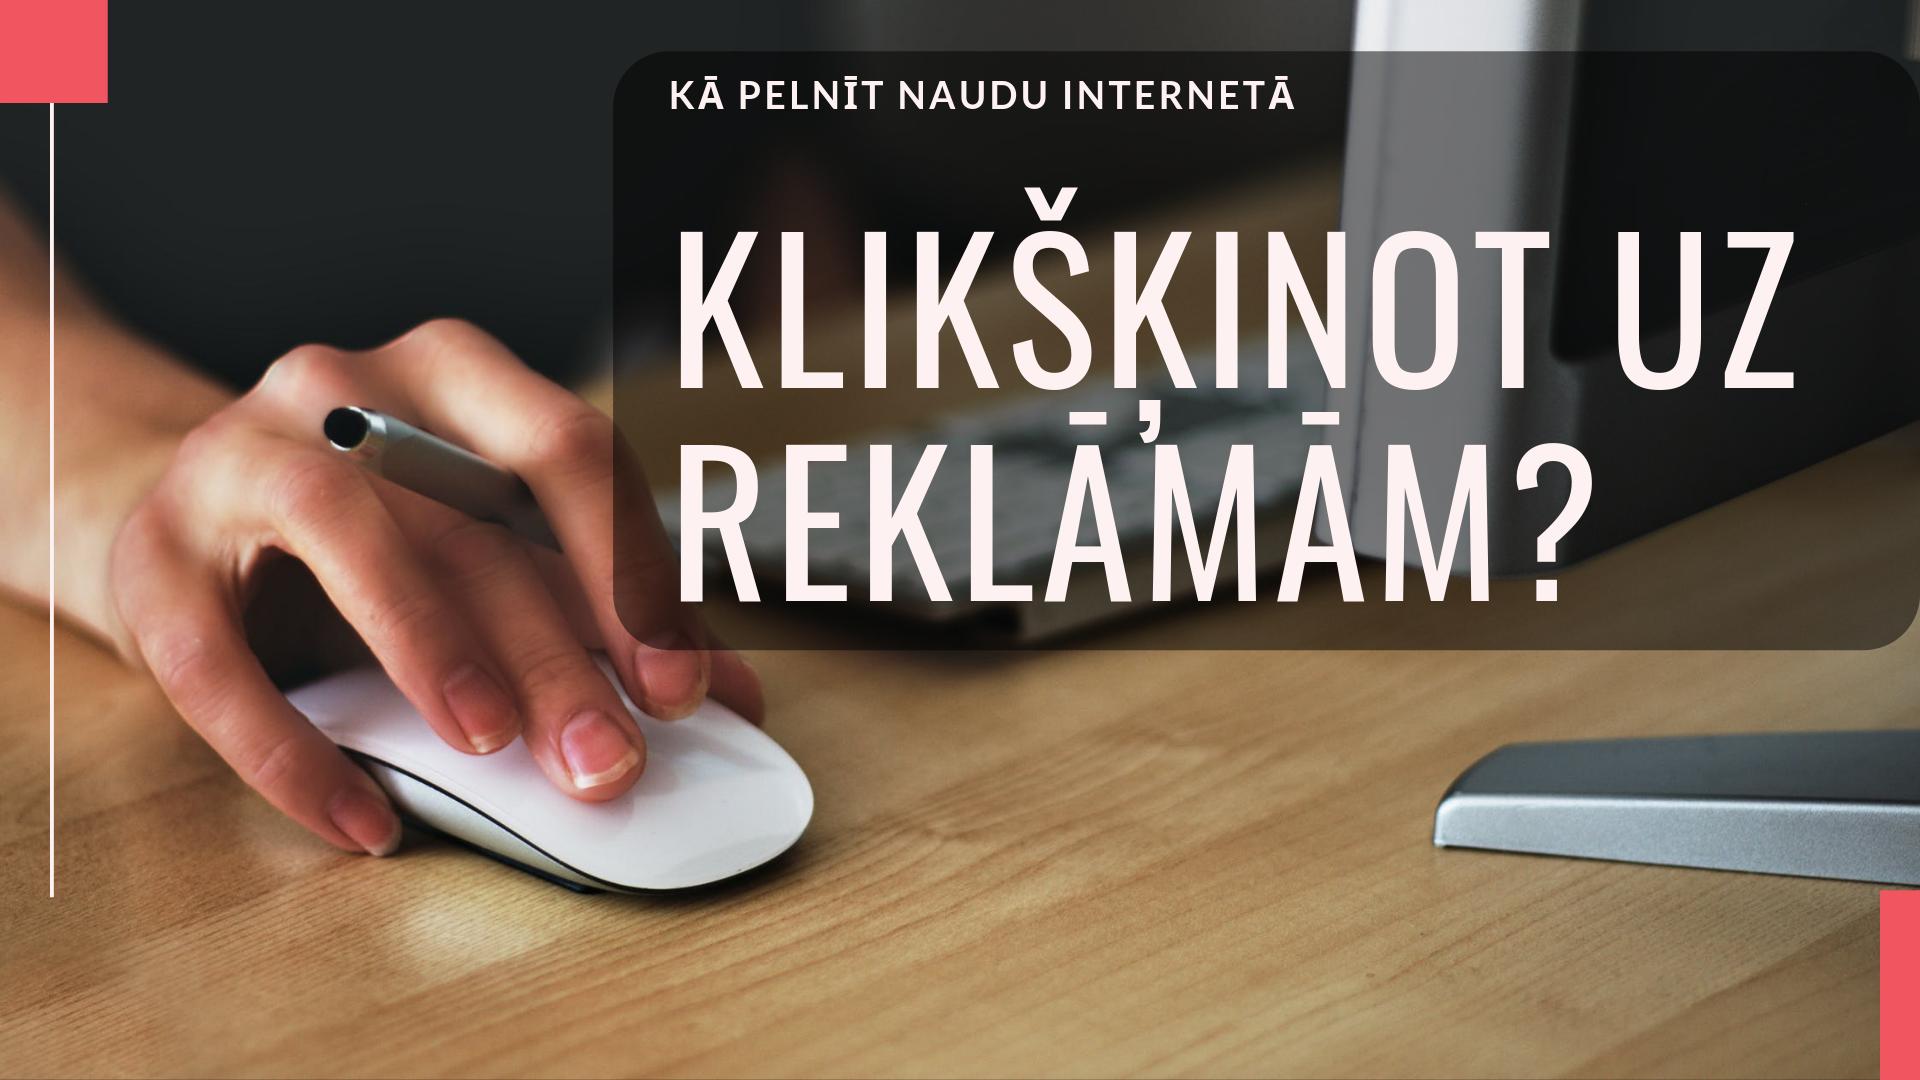 Kā pelnīt naudu internetā skatoties reklāmas (PTC)? | baltumantojums.lv